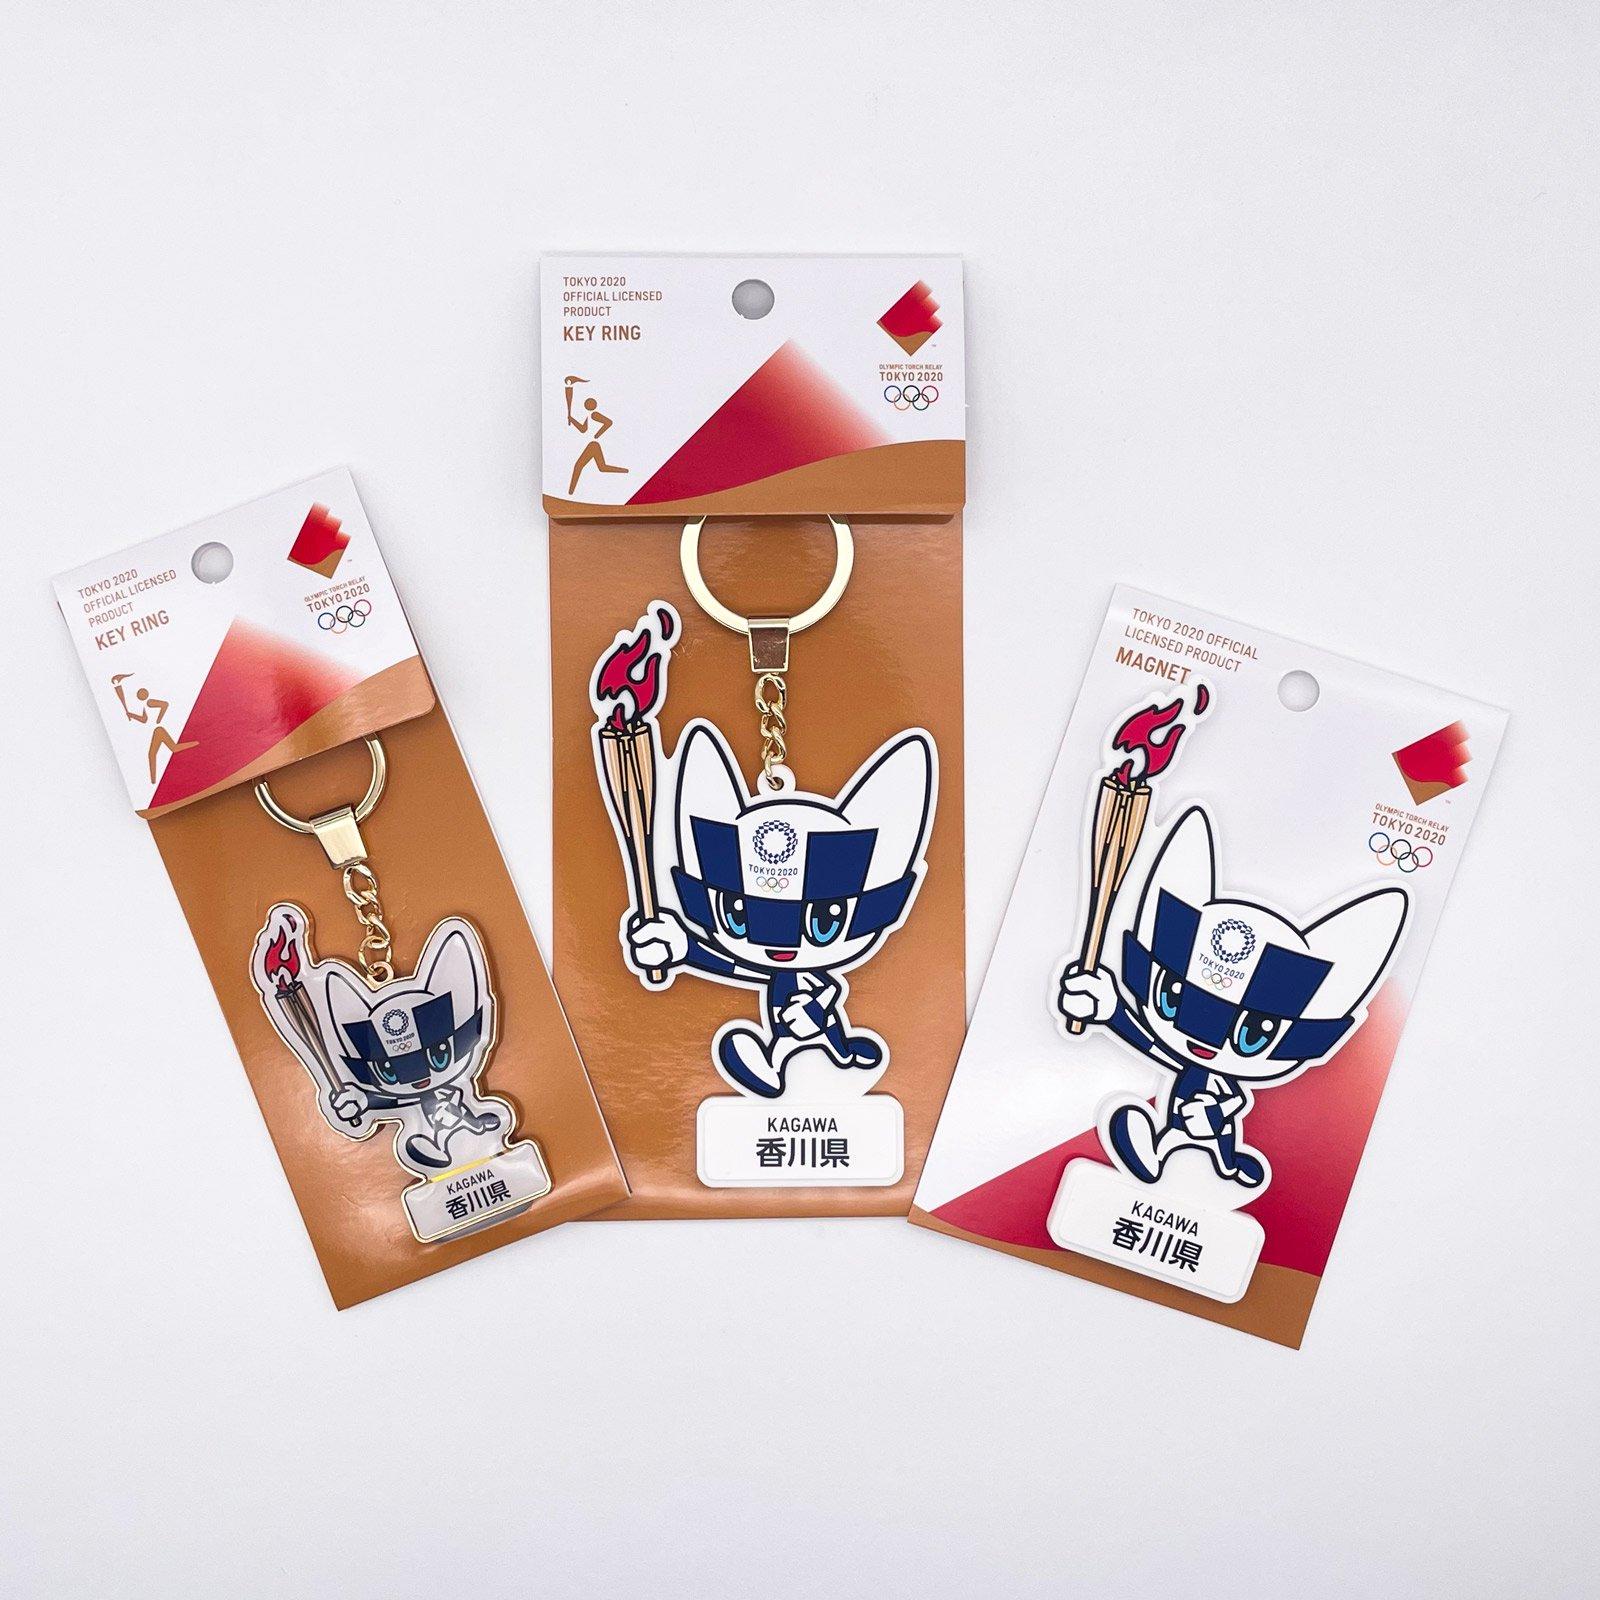 【セール価格】【お得なセット】東京2020オリンピック聖火リレーマスコット商品:香川県セット